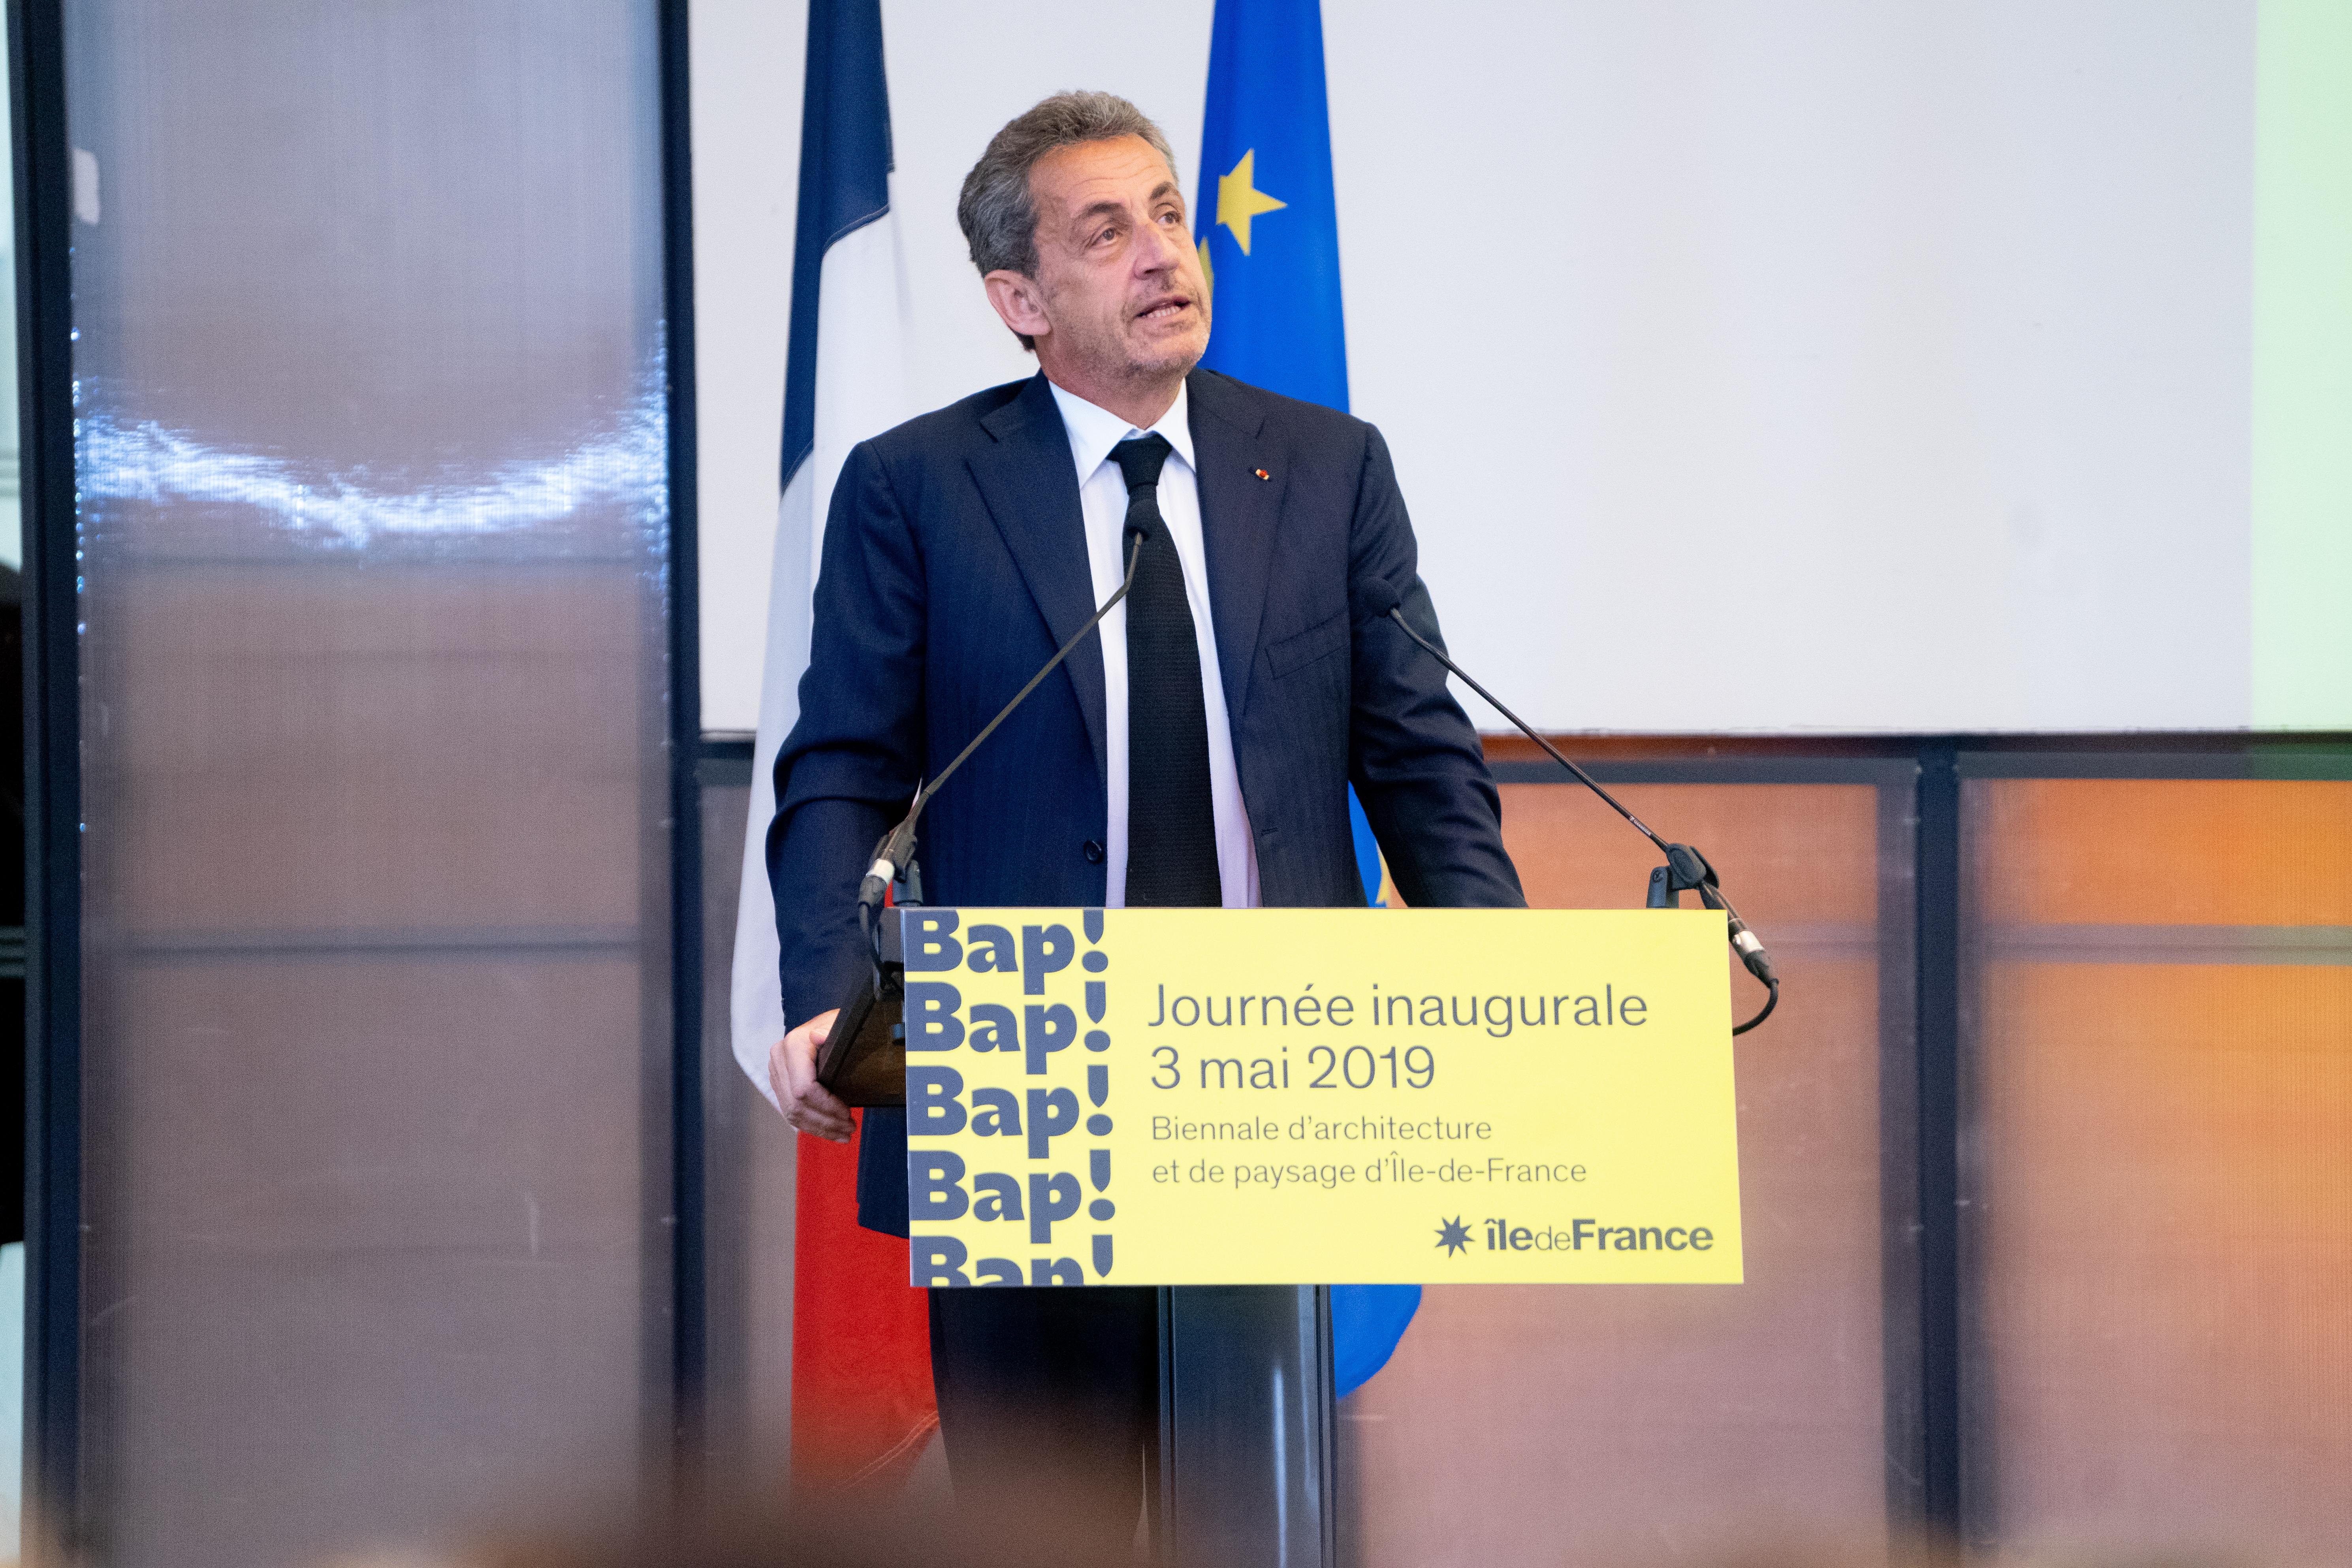 L'ancien président français Sarkozy condamné à trois ans de prison pour corruption et trafic d'influence